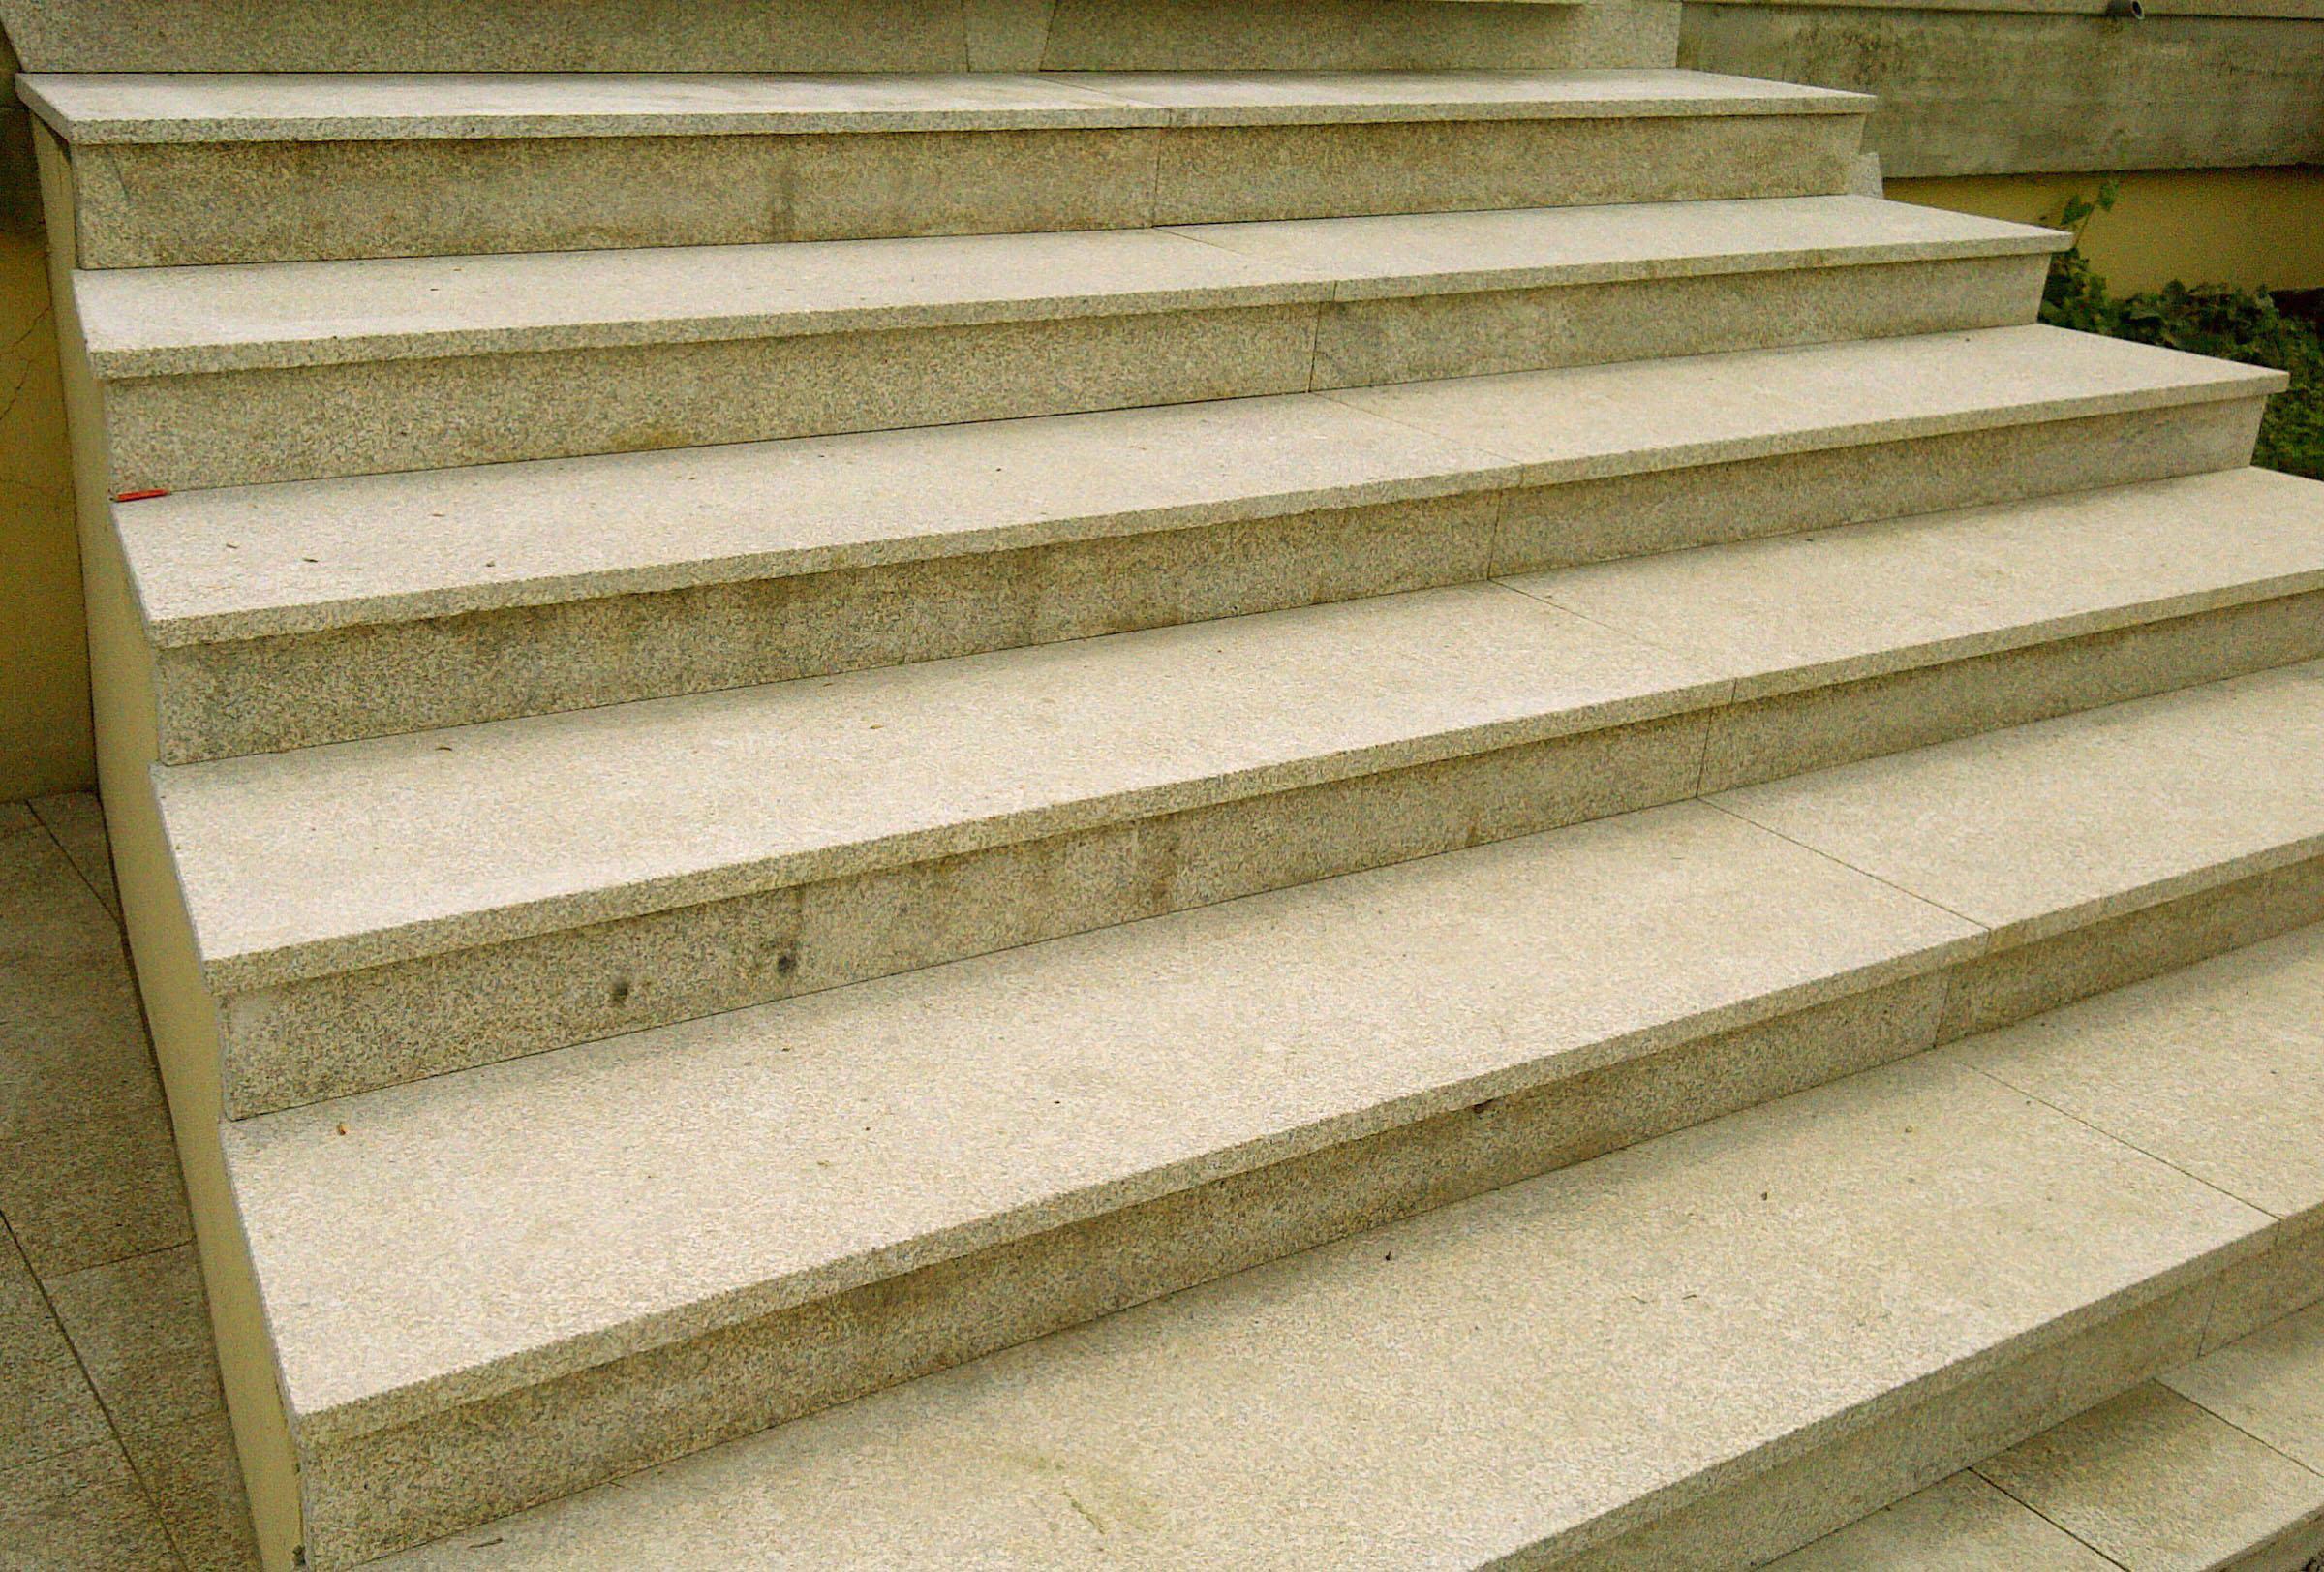 Escalier Beton Exterieur Prix escalier, marche d'escalier en pierre naturelle, marbre